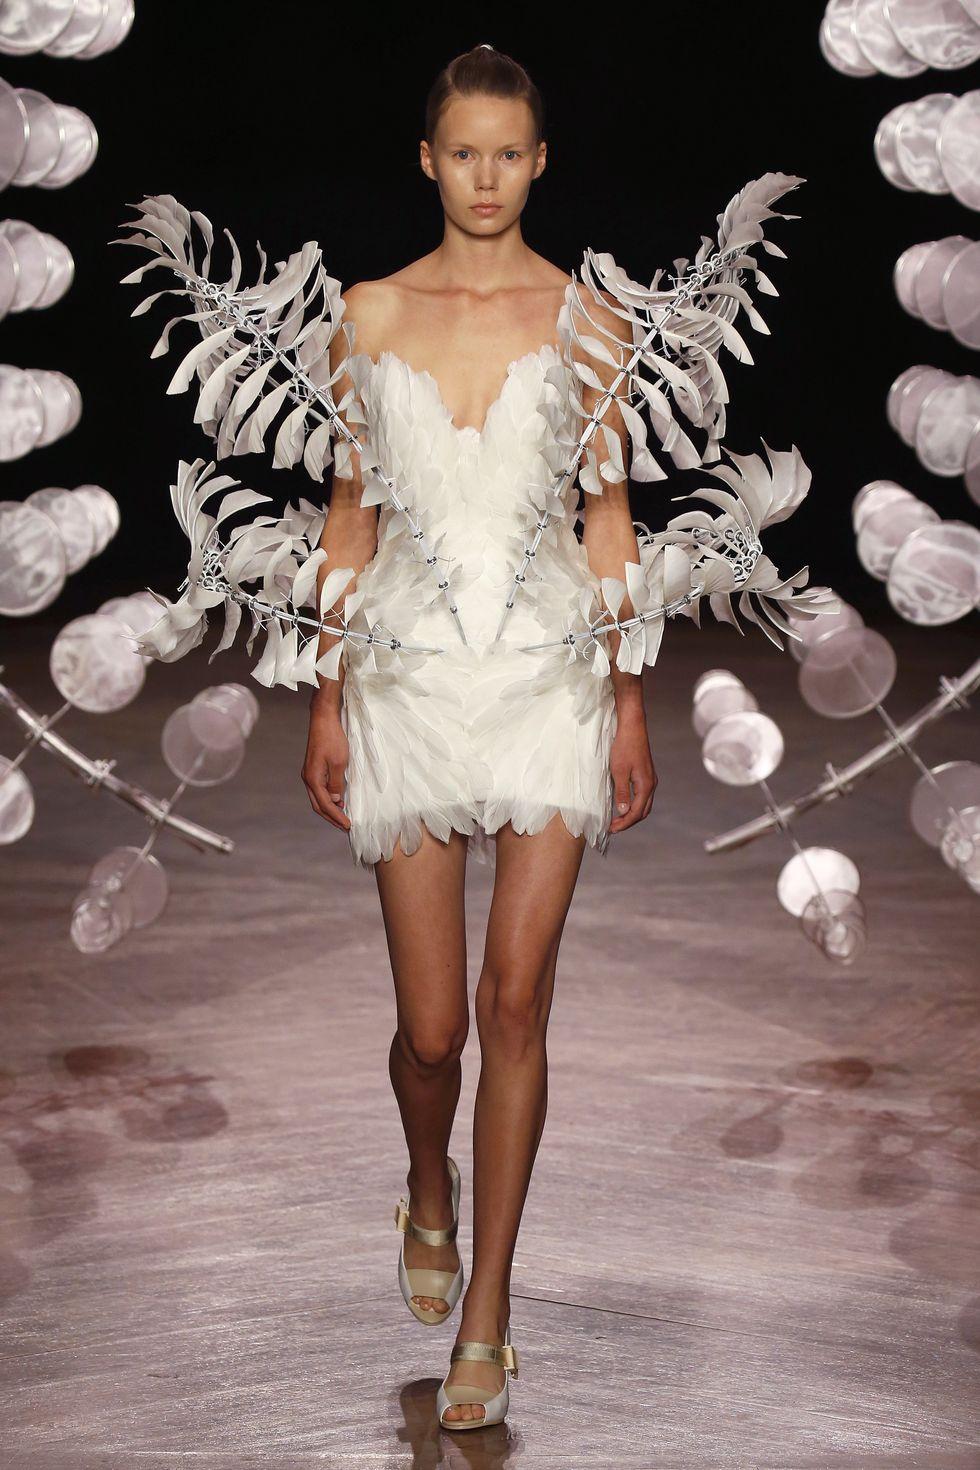 Dengan warna silver dan putih dengan bentuk yang unik memberikan kesan elegan dan canggih.